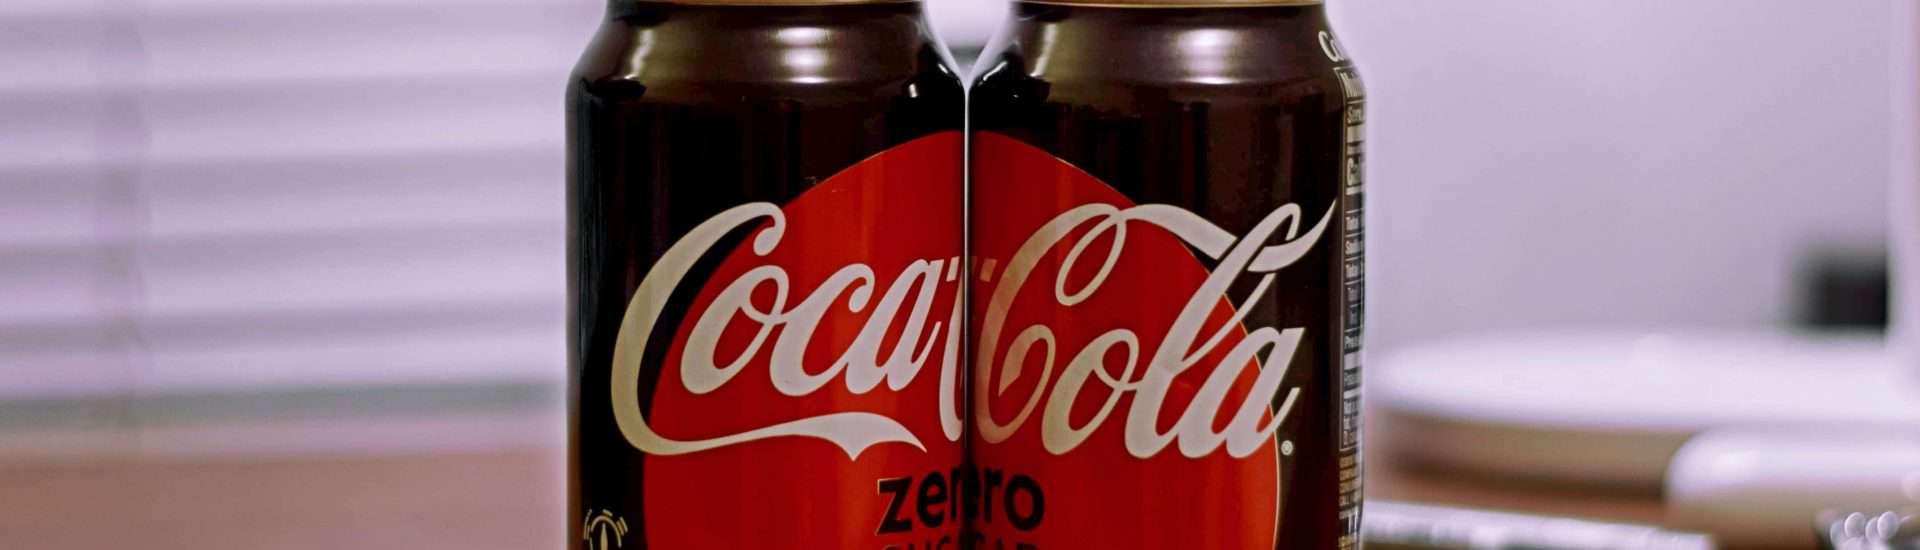 Coca-Cola zero w nowej odsłonie. W reklamie pojawiła się Beata Kozidrak